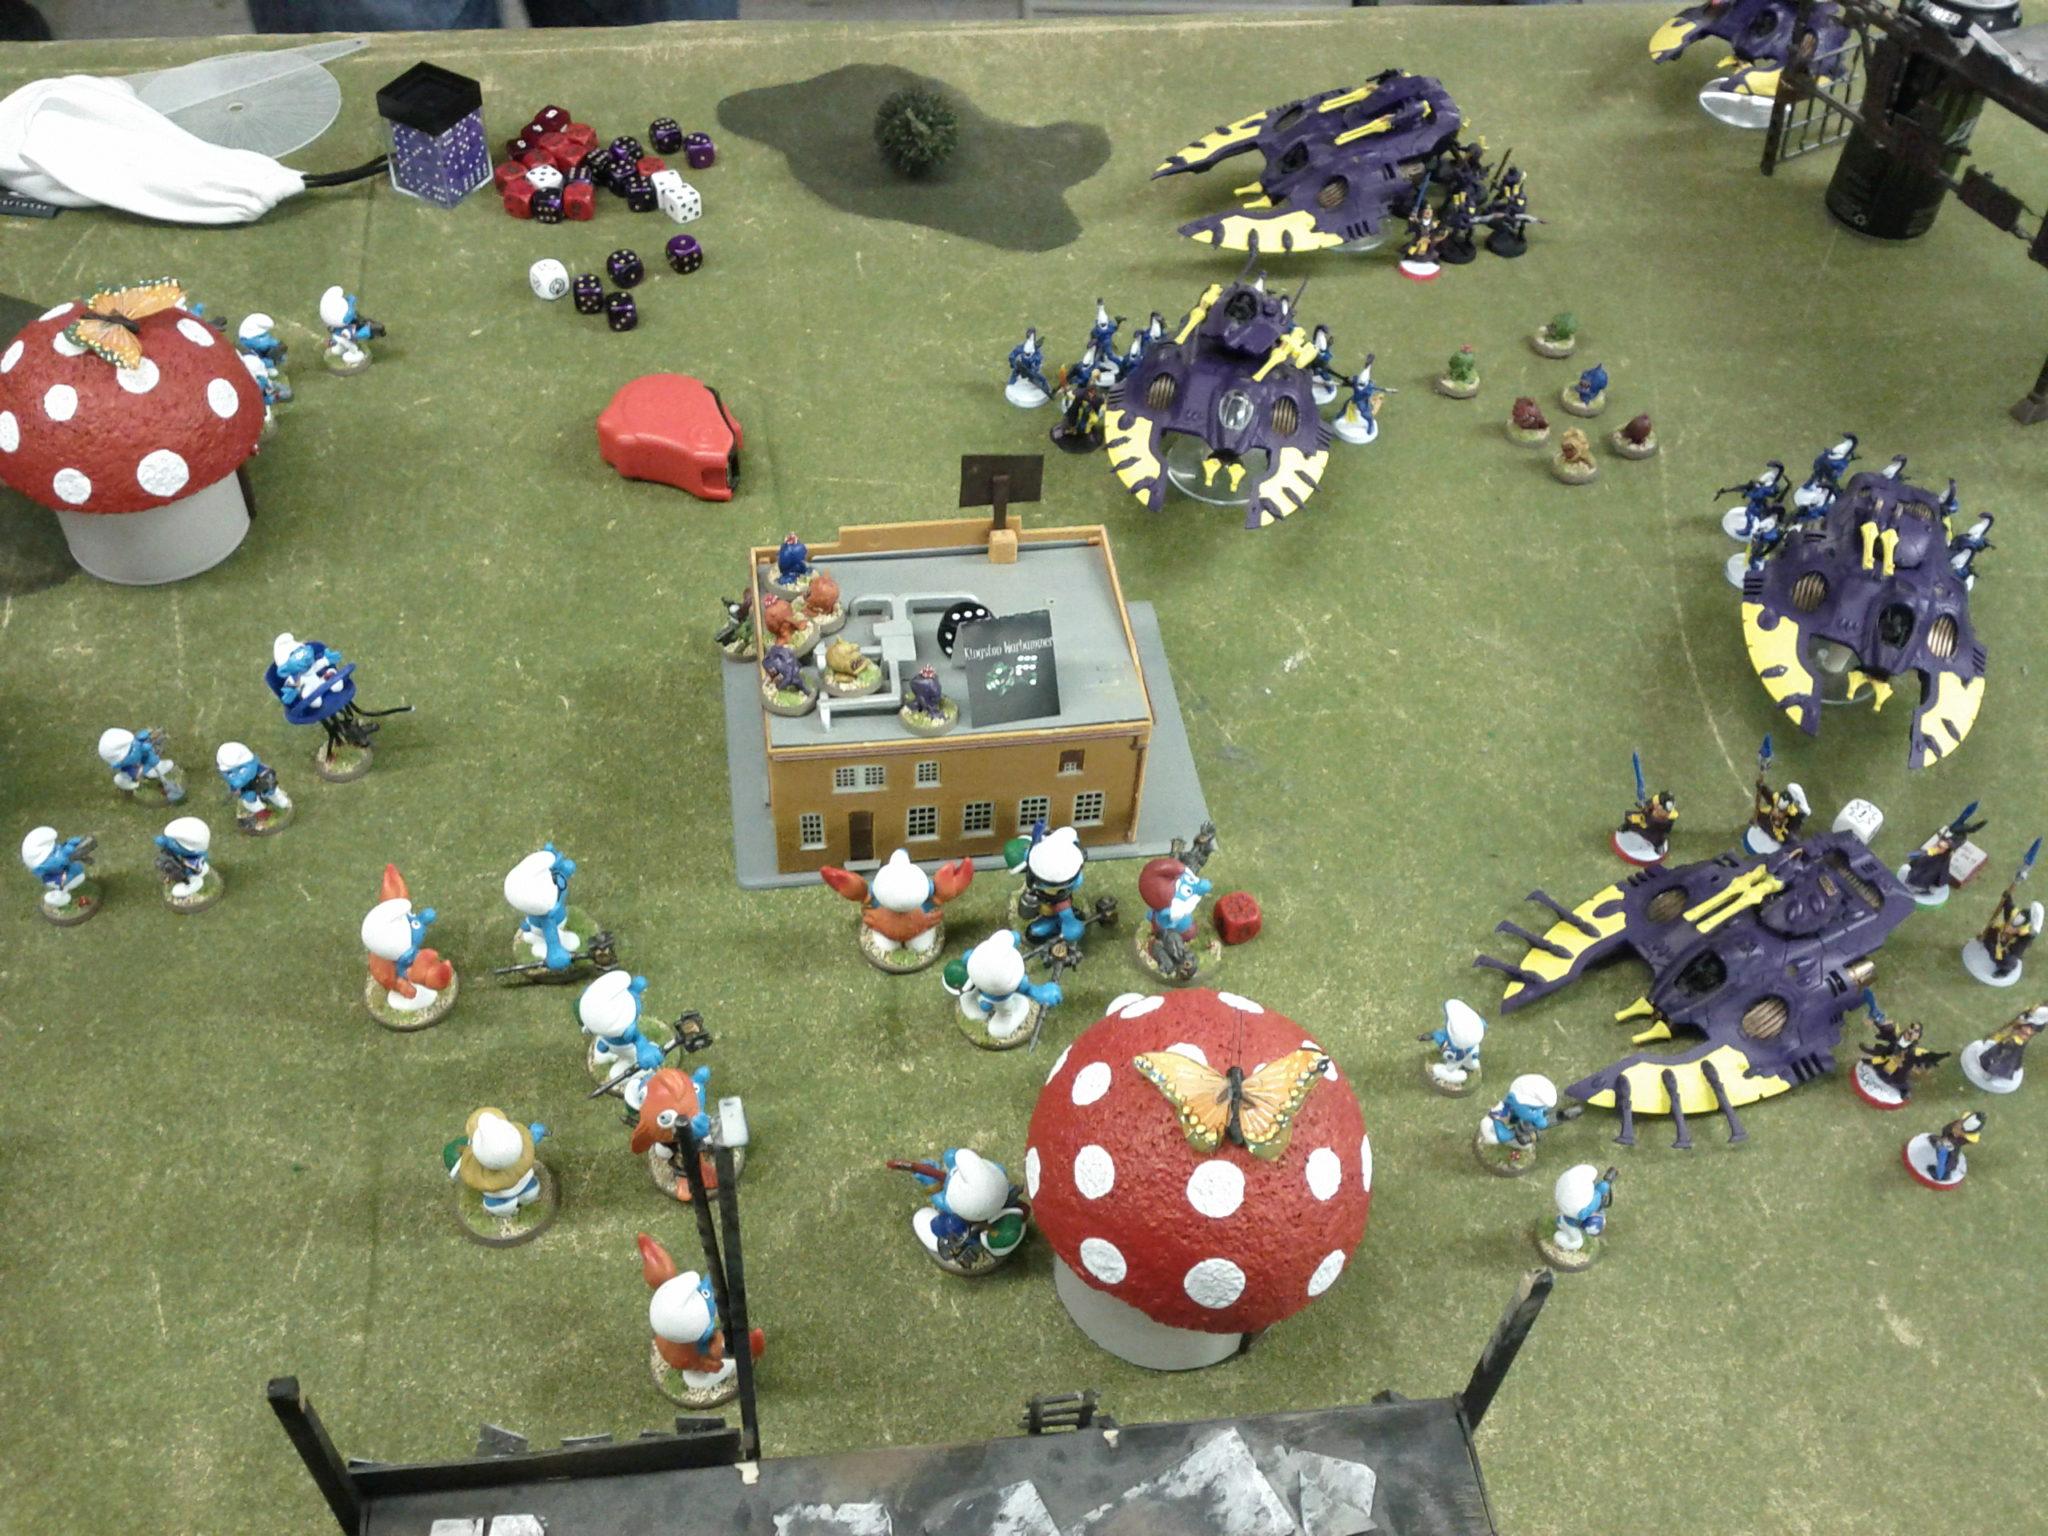 Smurf Army